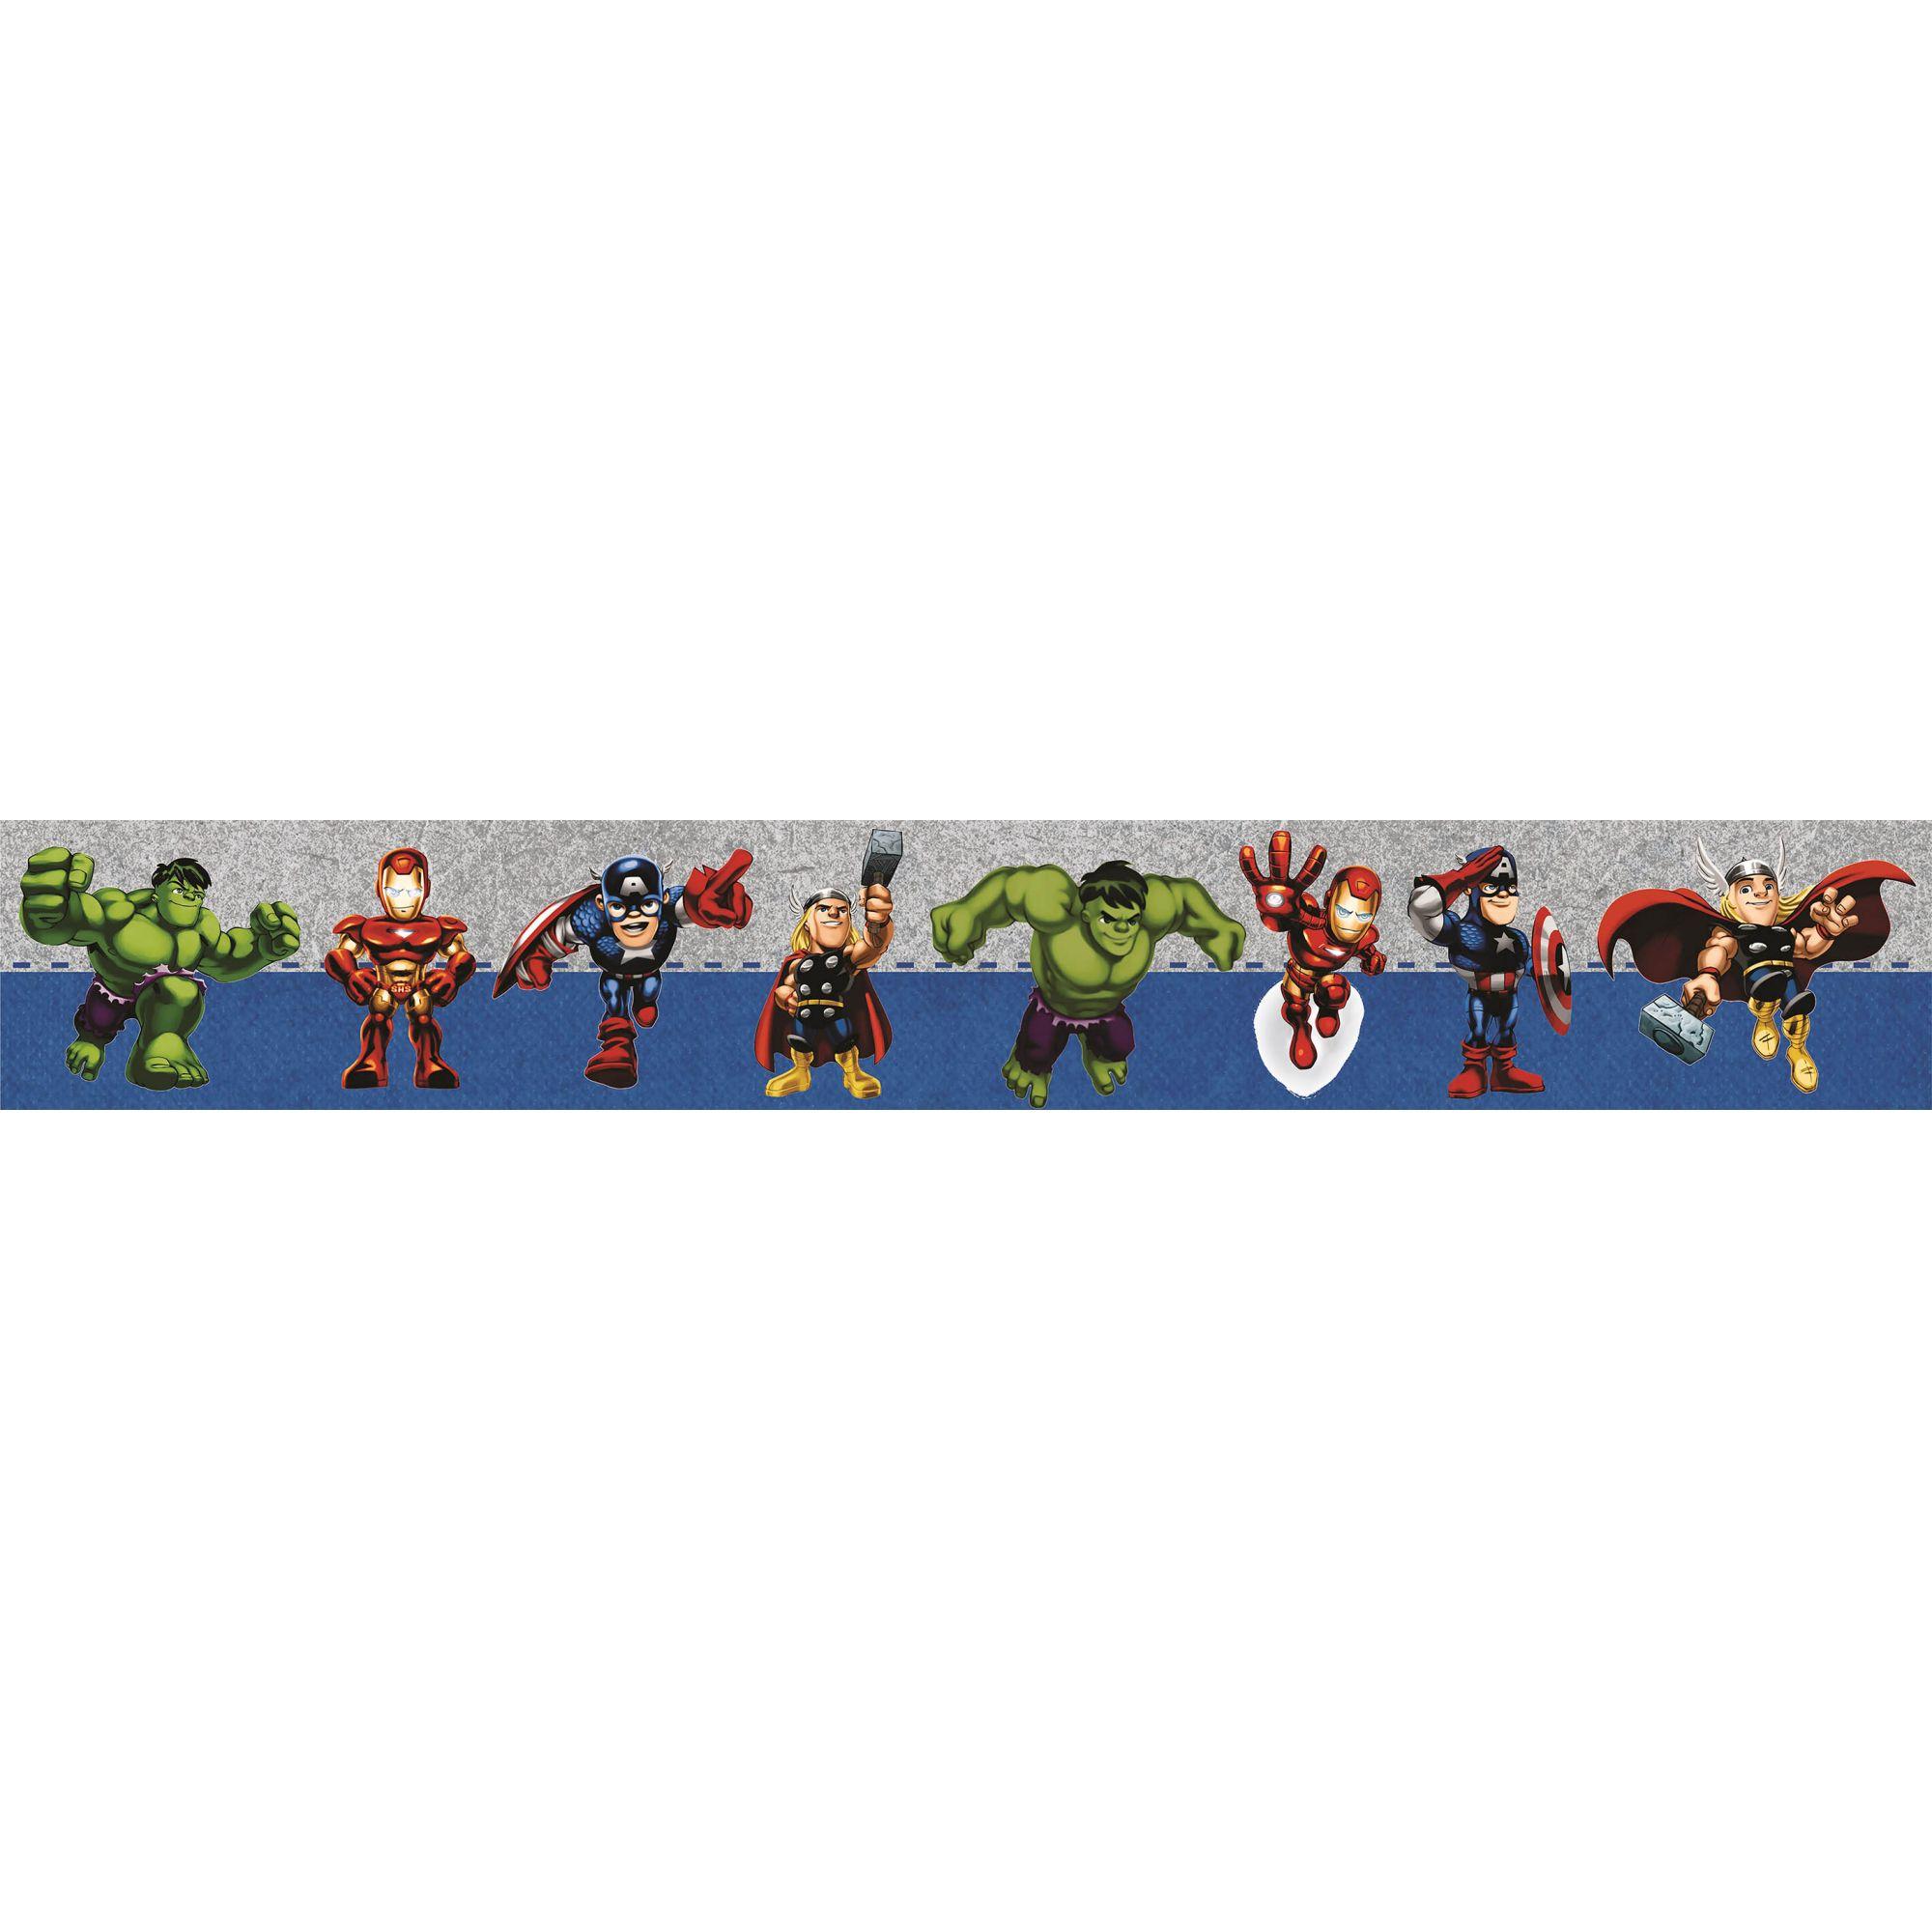 Faixa Decorativa Adesiva vingadores baby  - Final Decor